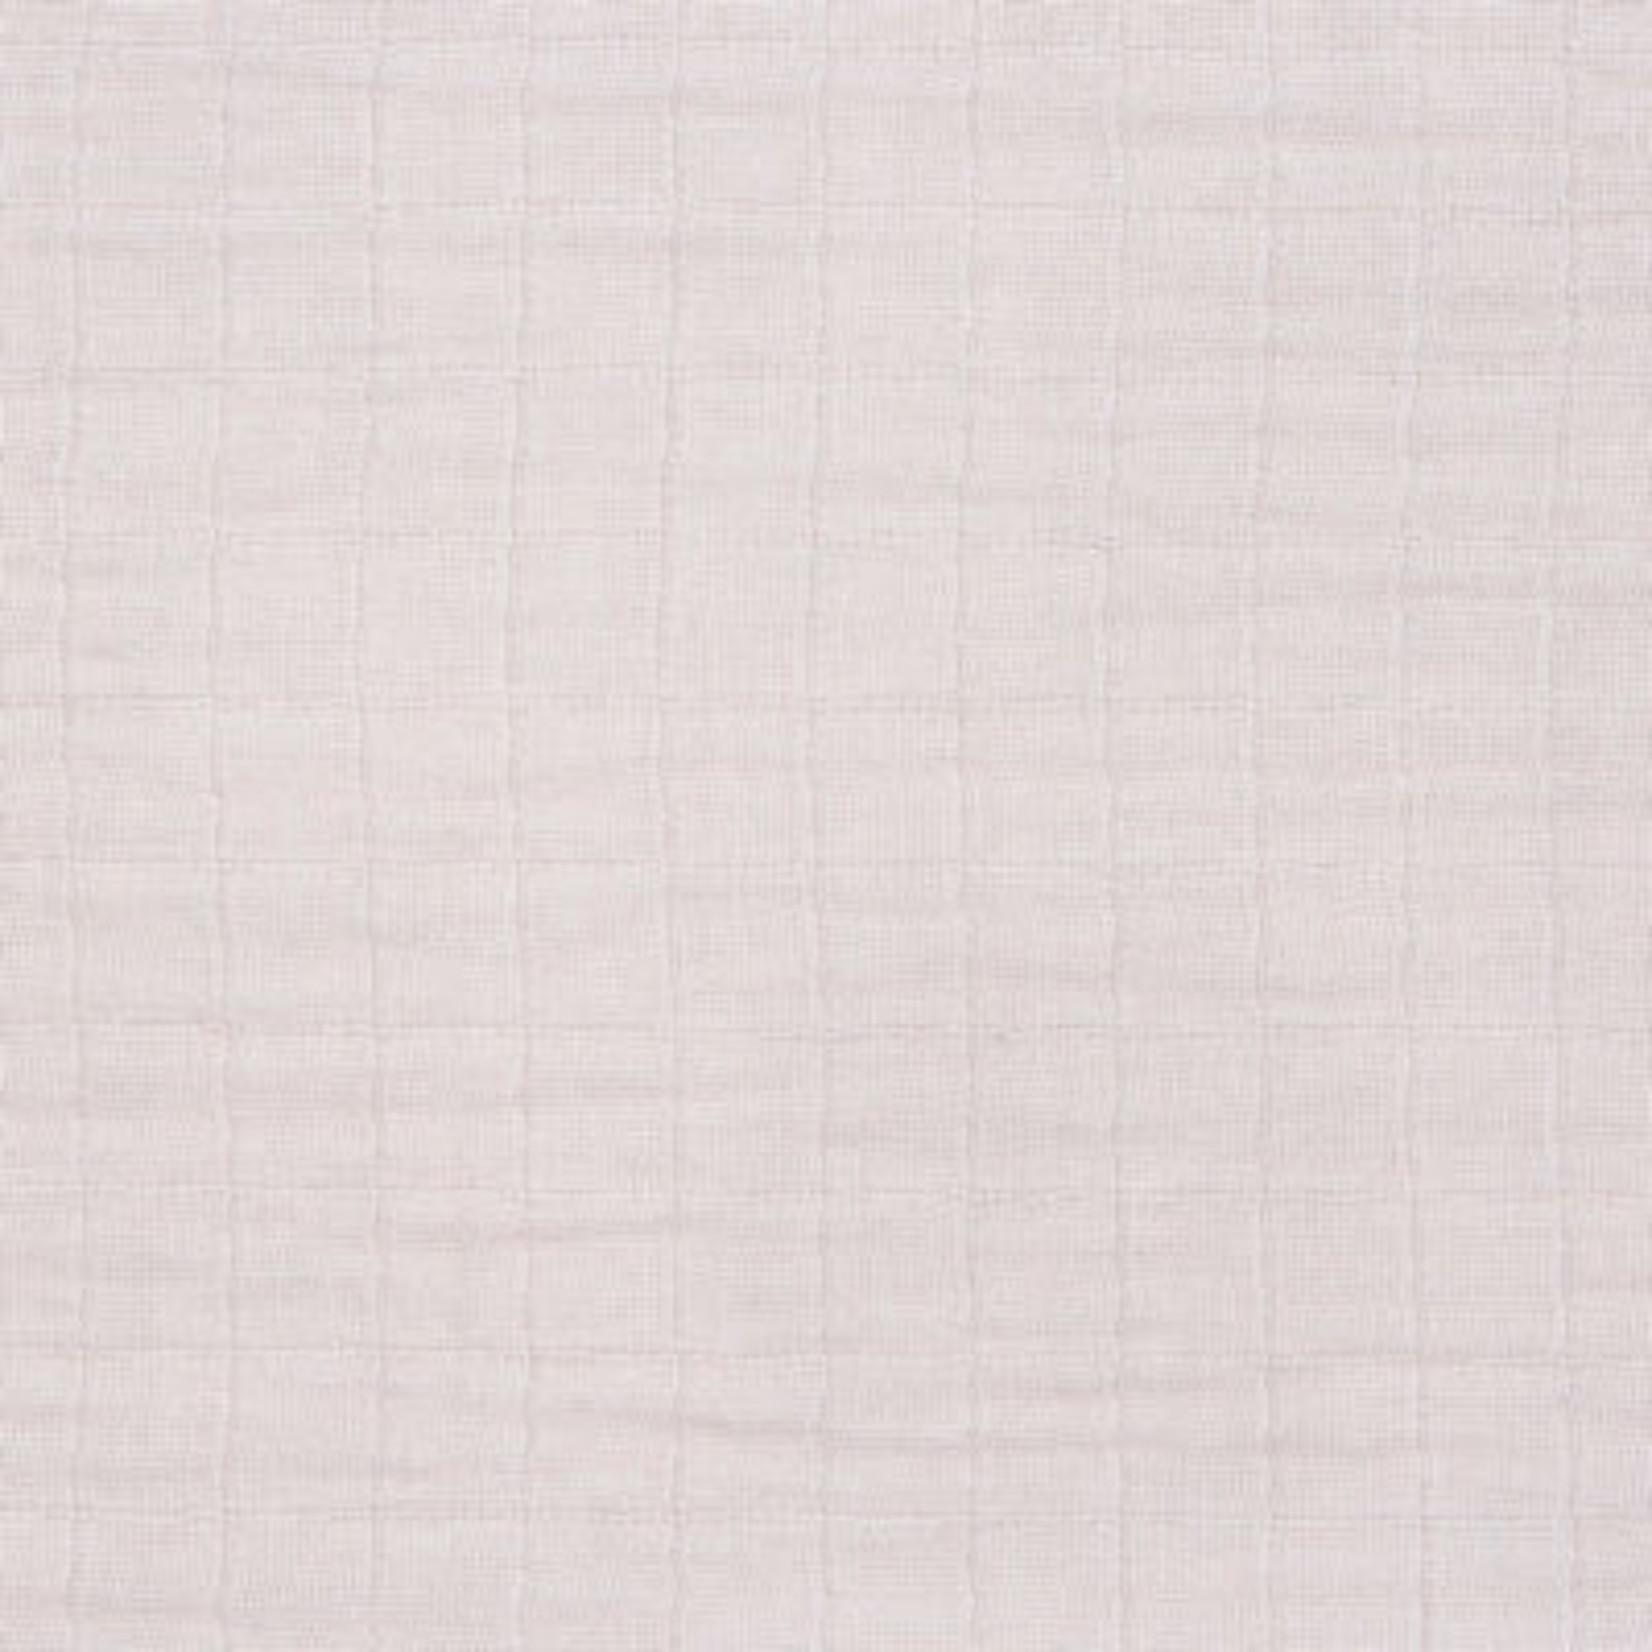 Lässig Swaddle & blurp hydrofieldoek chinchilla set van 2 120x120cm